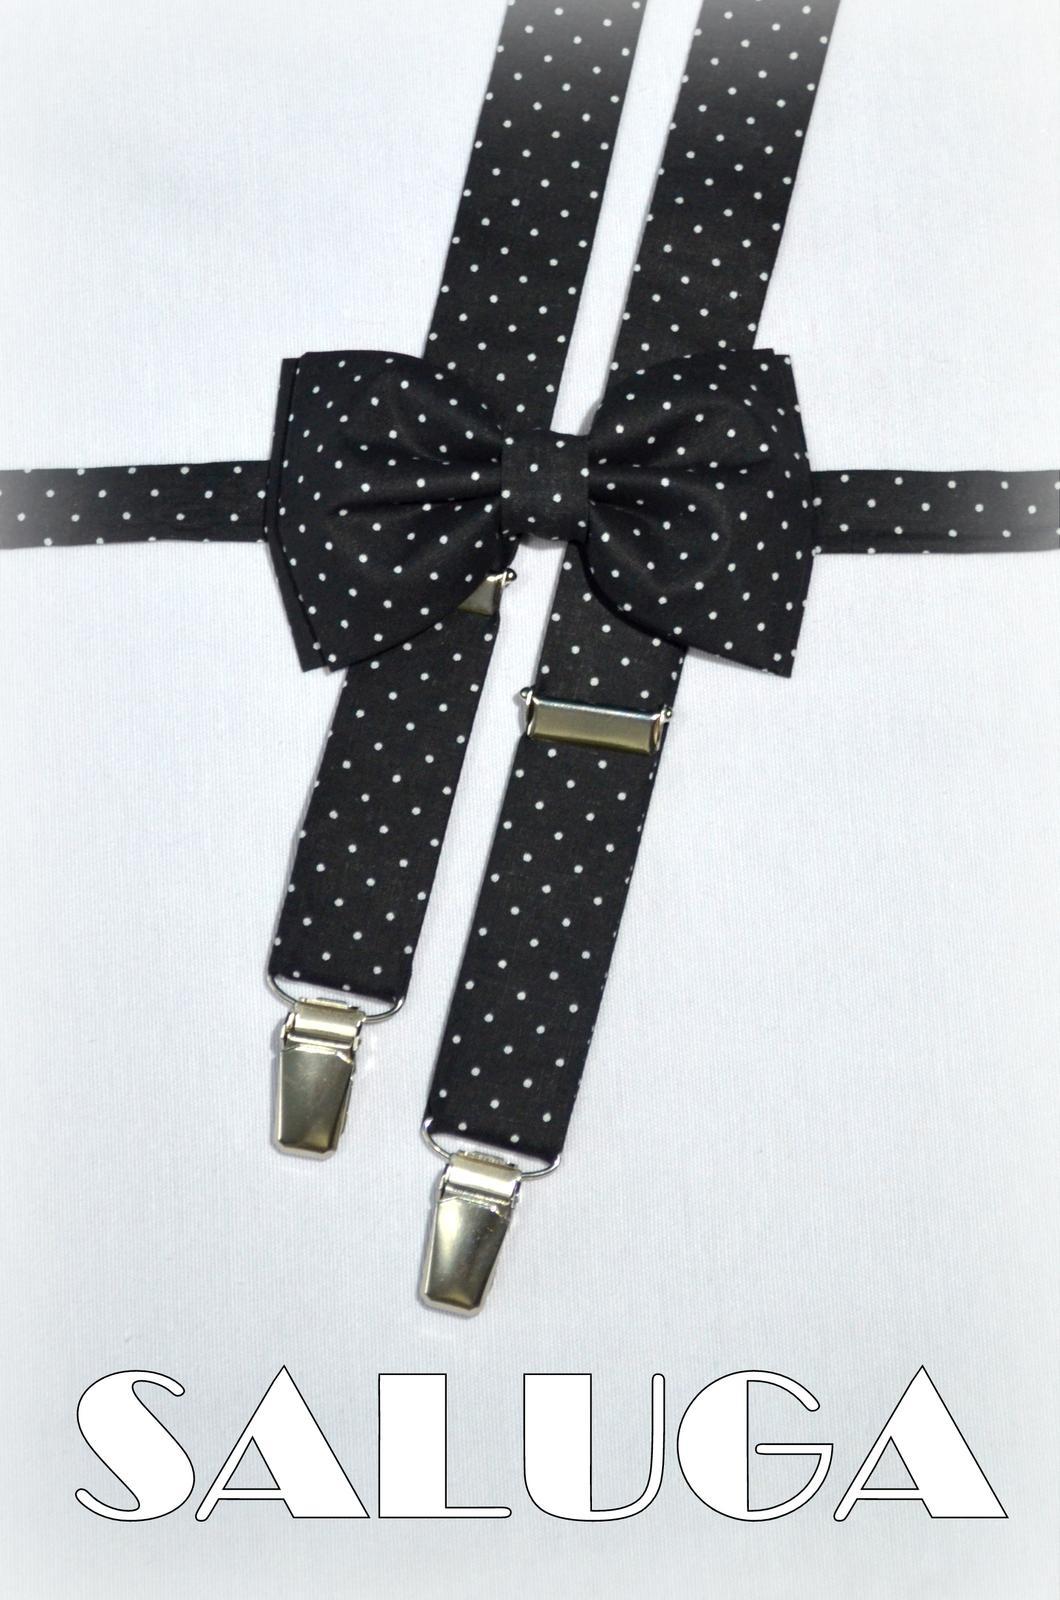 Čierny motýlik na biele bodky a traky - Obrázok č. 1